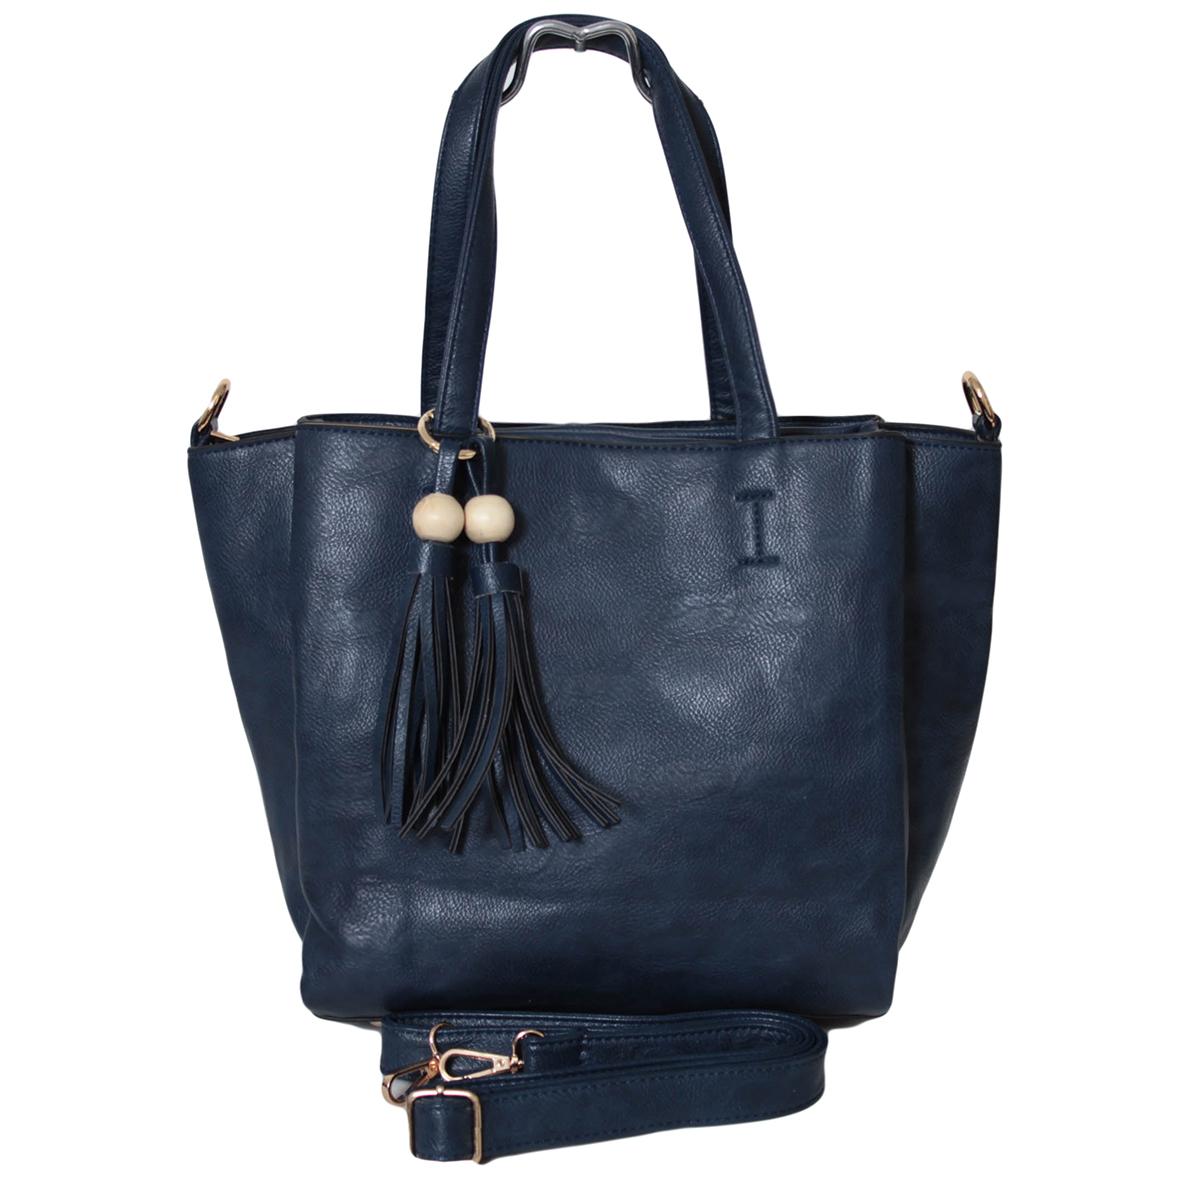 Сумка женская Flioraj, цвет: синий. 0005290400052904Закрывается на молнию. Внутри одно отделение, один карман на молнии и один открытый. На передней и задней стенки карманы на декоративных клапанах. В комплекте есть длинный ремень.